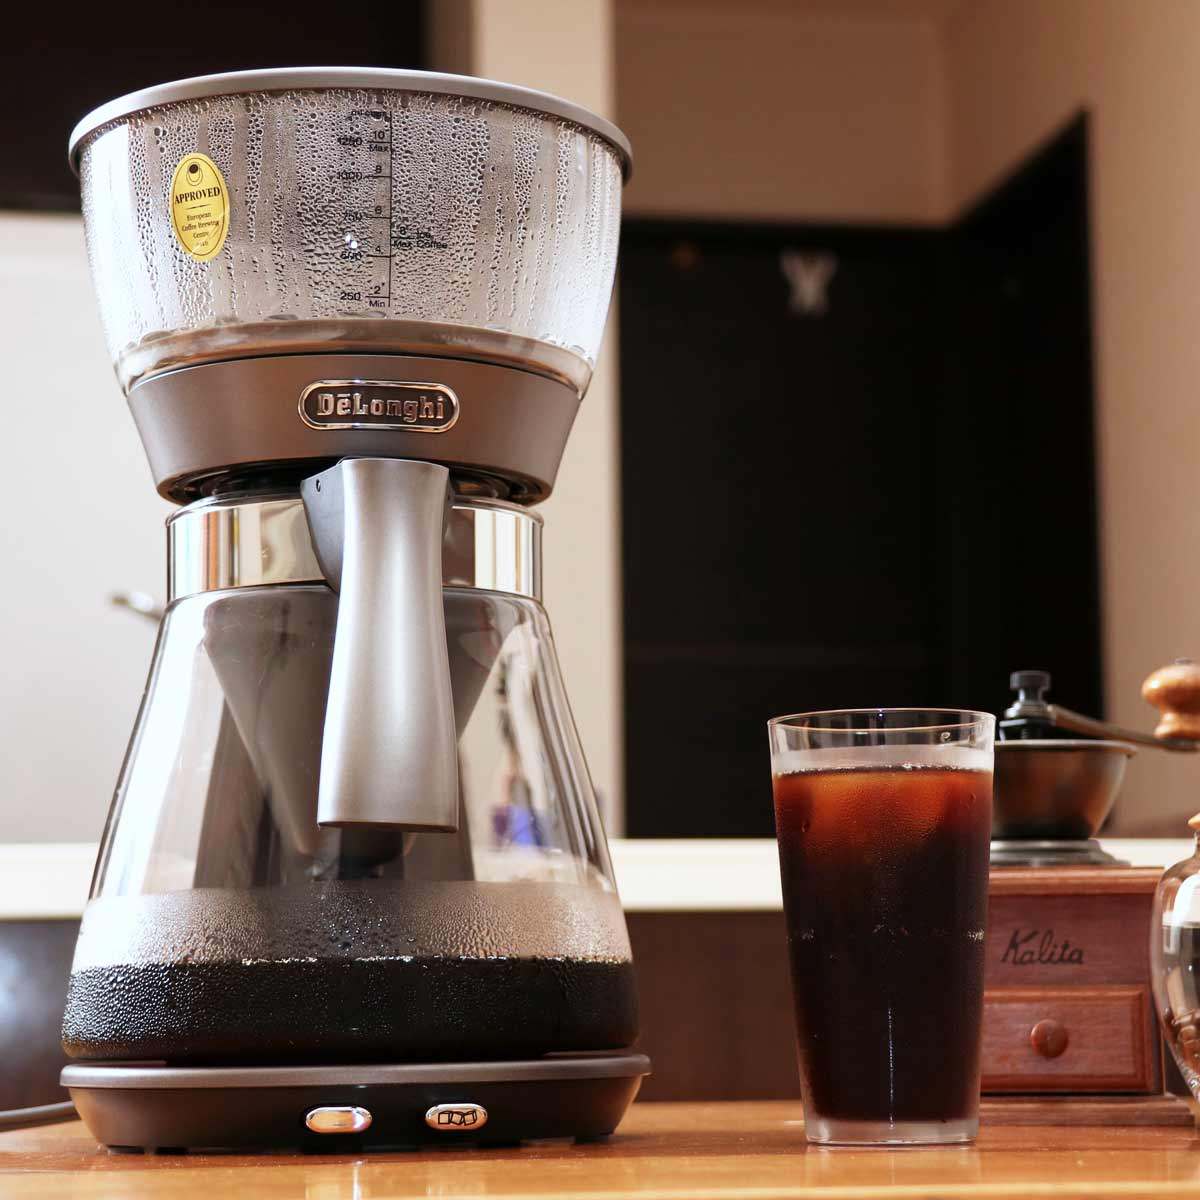 世界的にもめずらしいこだわりが満載!本格的なアイスコーヒーも楽しめるデロンギ「クレシドラ」